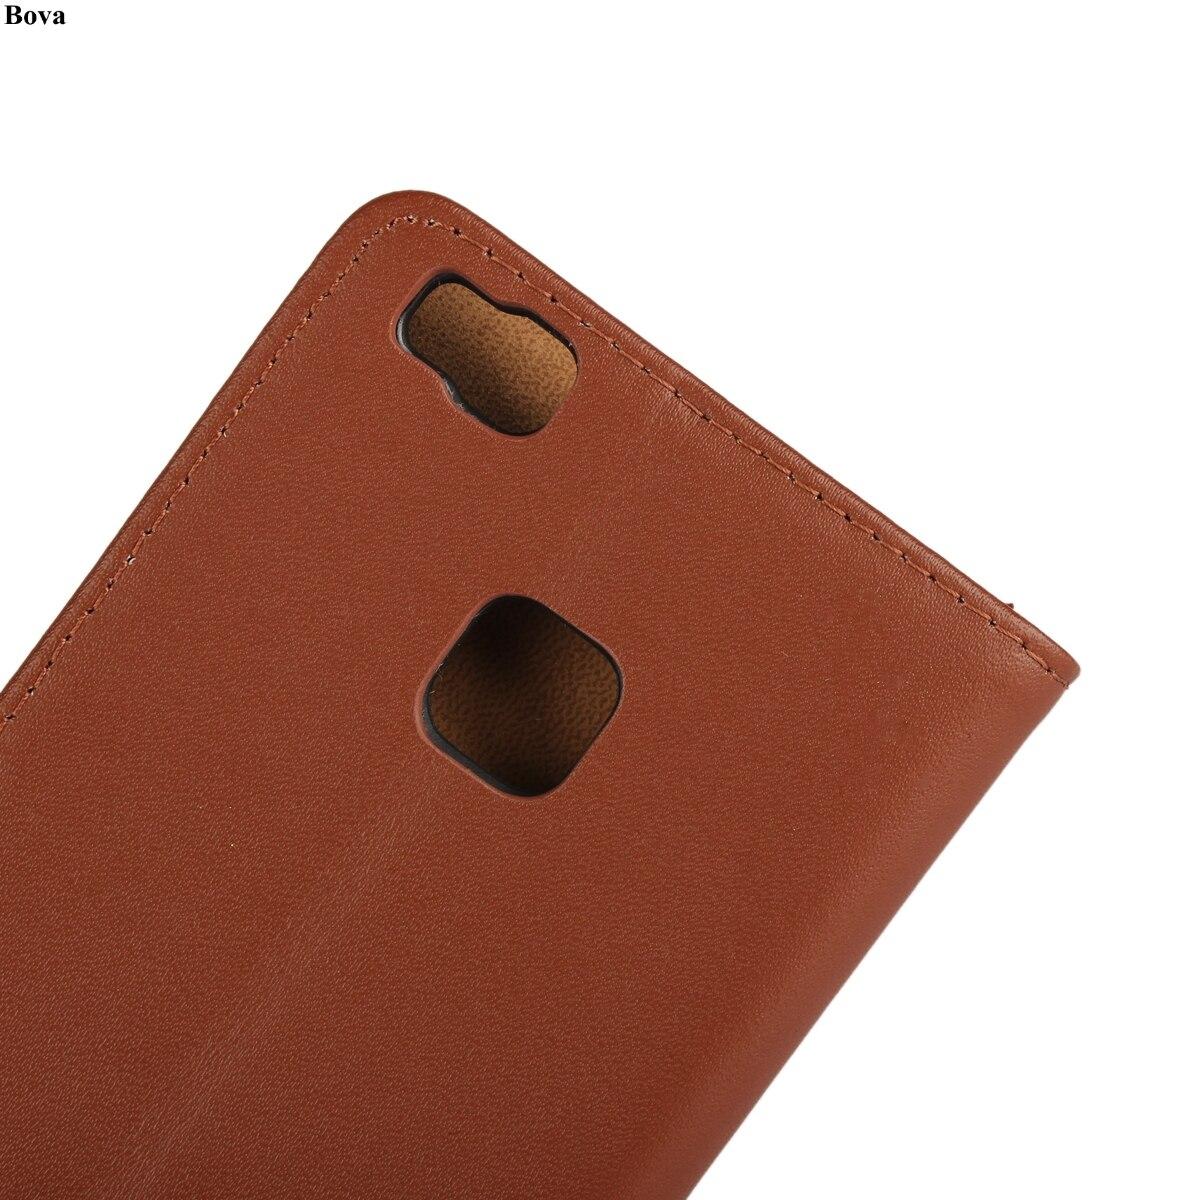 Θήκη κάλυψης Huawei P9 Lite Premium θήκη - Ανταλλακτικά και αξεσουάρ κινητών τηλεφώνων - Φωτογραφία 3